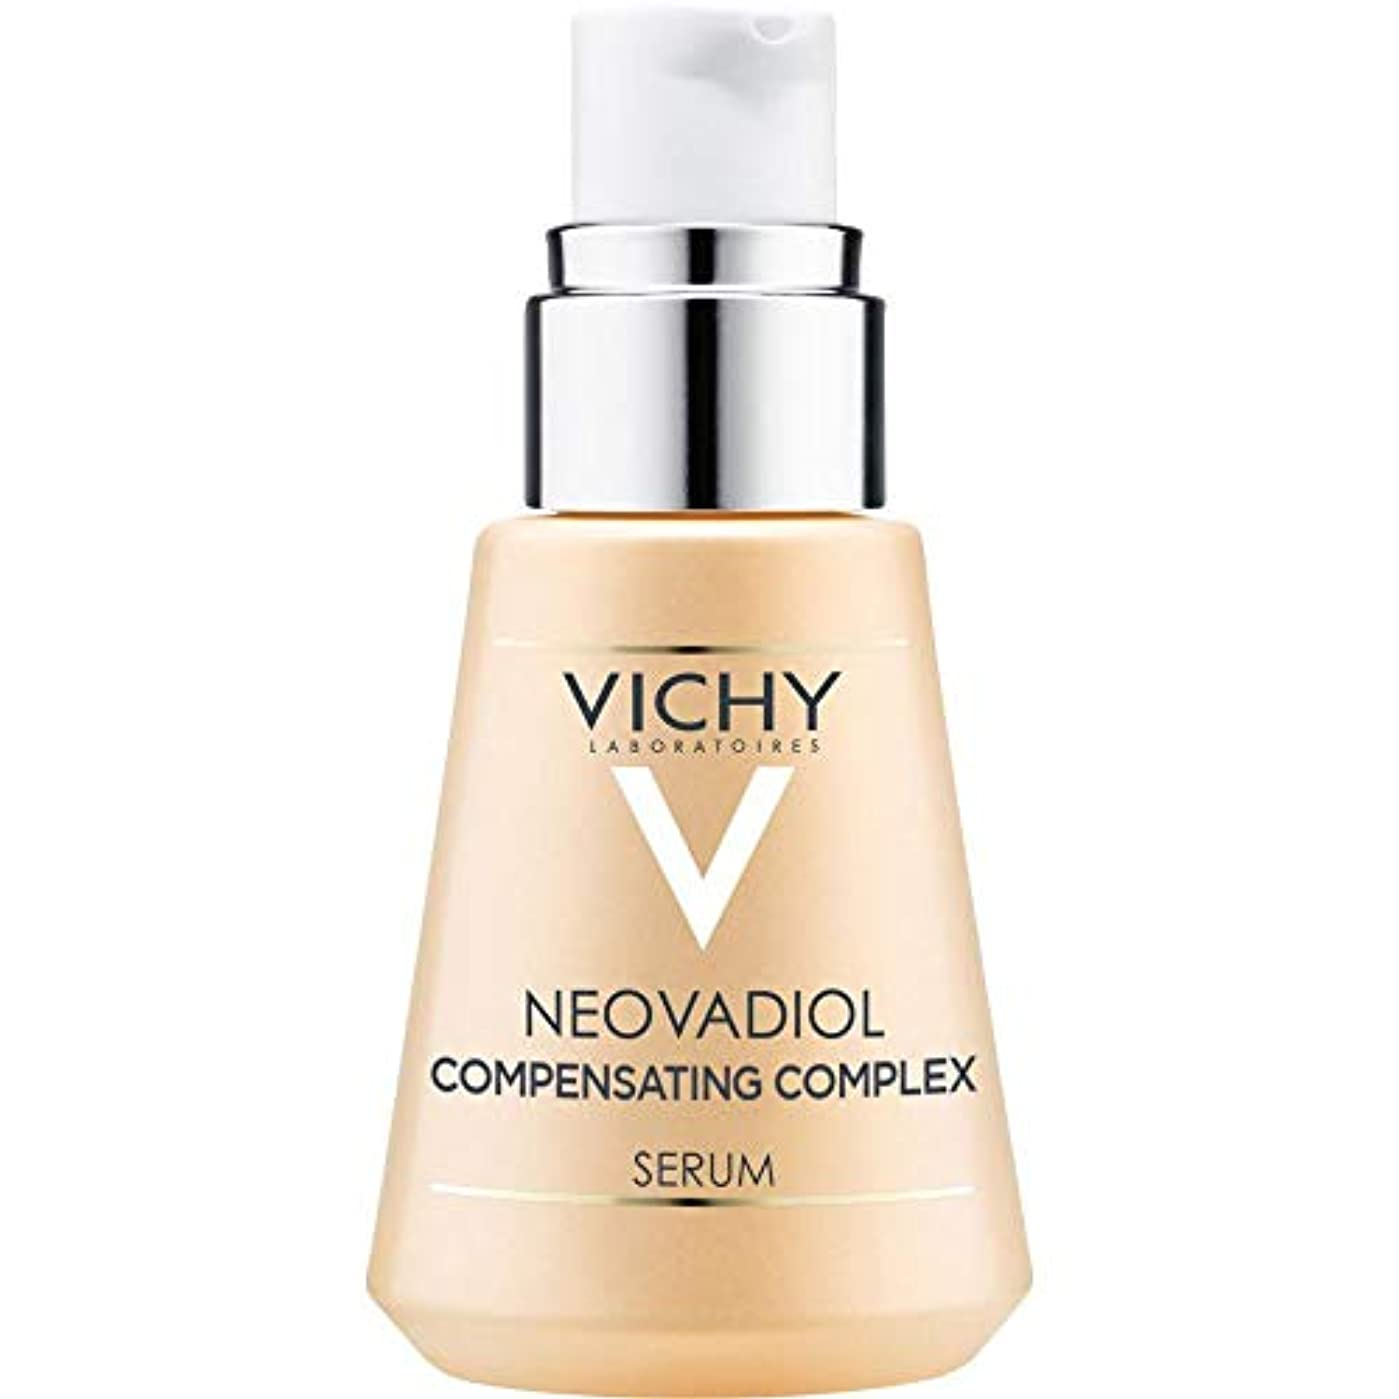 目を覚ますボールに関して[Vichy] 複雑なセラム30Mlを補償Neovadiolヴィシー - Vichy Neovadiol Compensating Complex Serum 30ml [並行輸入品]